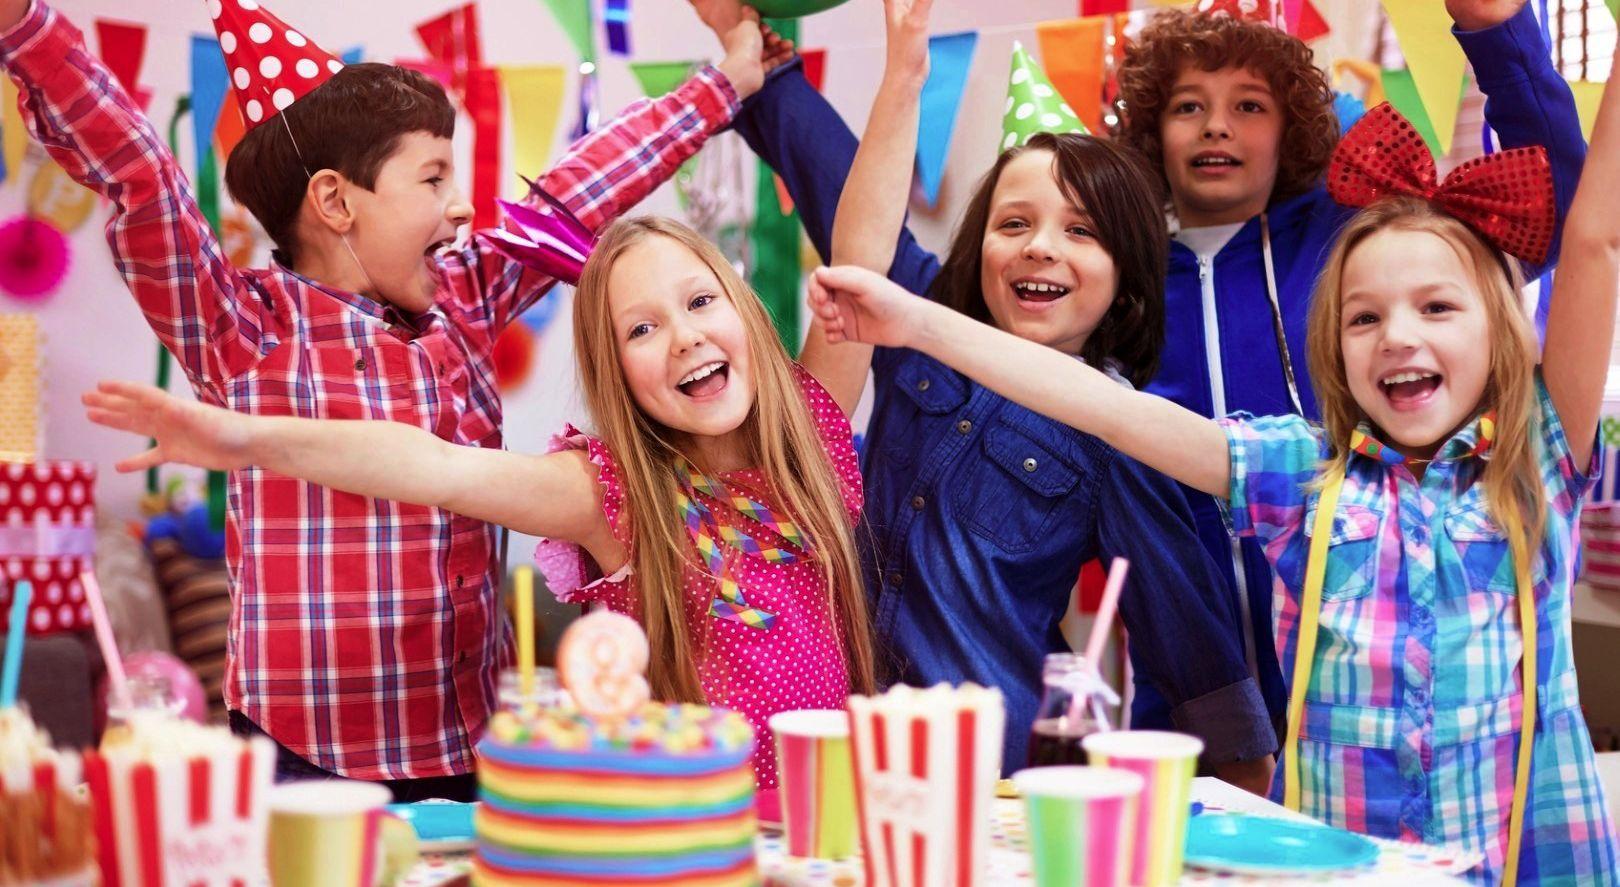 Amato Bambini e feste di compleanno al chiuso: idee e spunti - Tgcom24 FD92